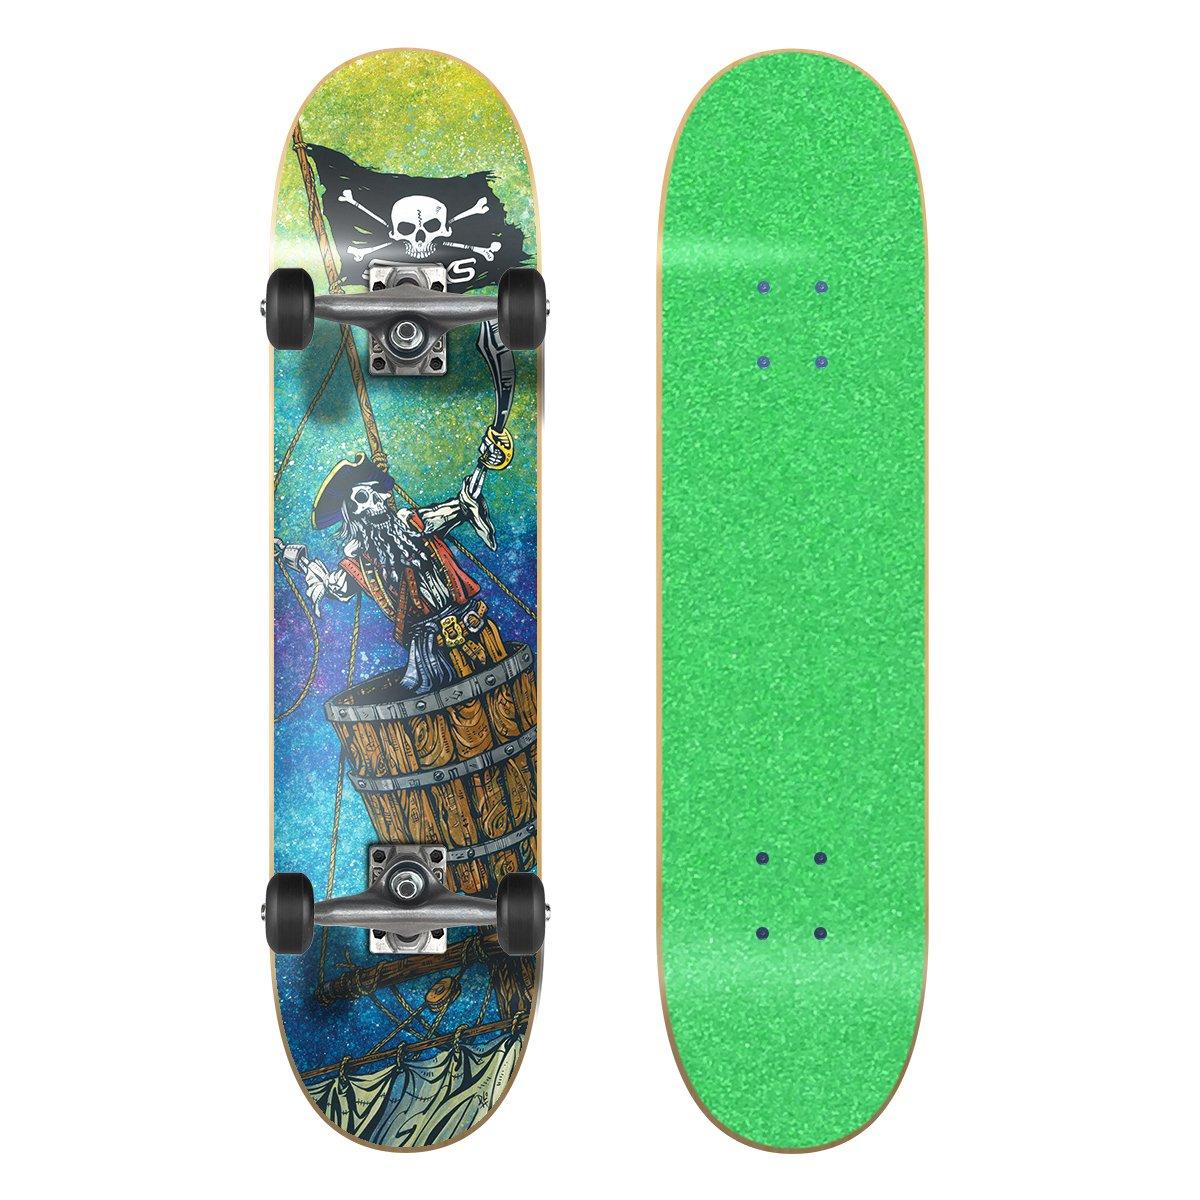 人気TOP SkateXS ビギナー 海賊 7.4 Wheels ストリート スケートボード B01MRTK3ZT 7.4 x Tape 30 (Ages 11-12)|Green Grip Tape/ Black Wheels Green Grip Tape/ Black Wheels 7.4 x 30 (Ages 11-12), 大和高田市:124f274f --- a0267596.xsph.ru